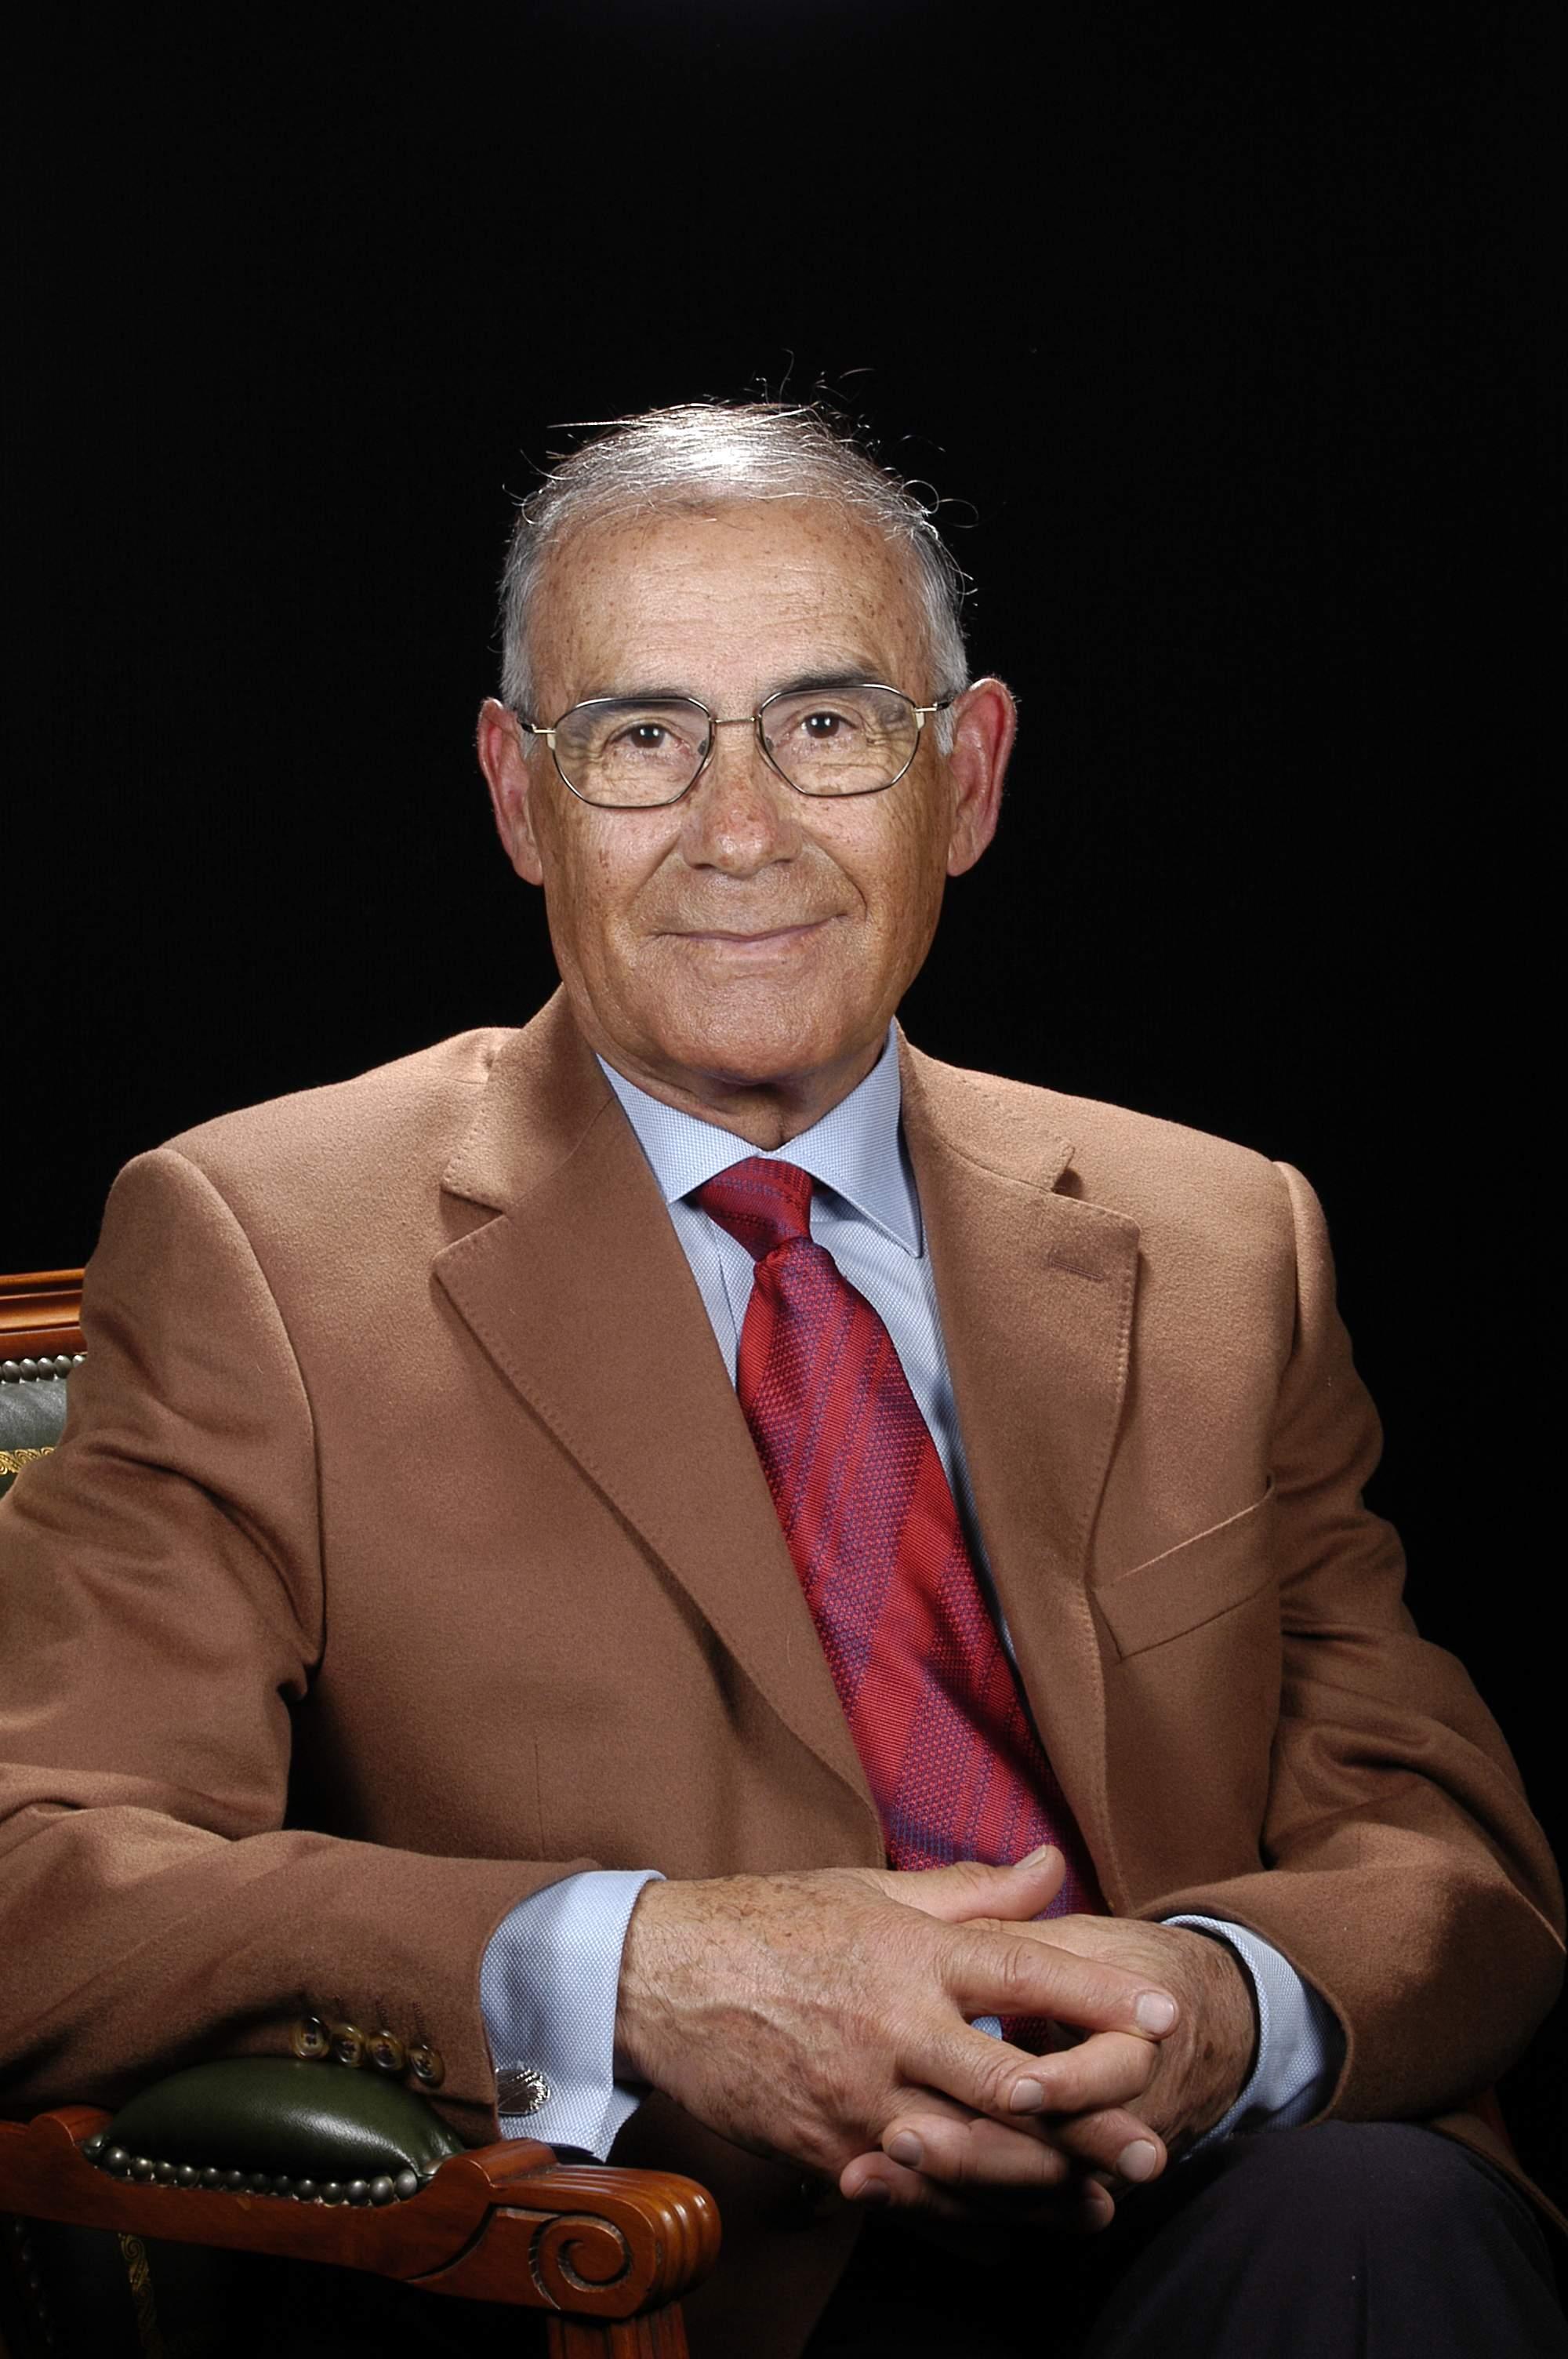 Dr. Jordi Bruna Ferrer